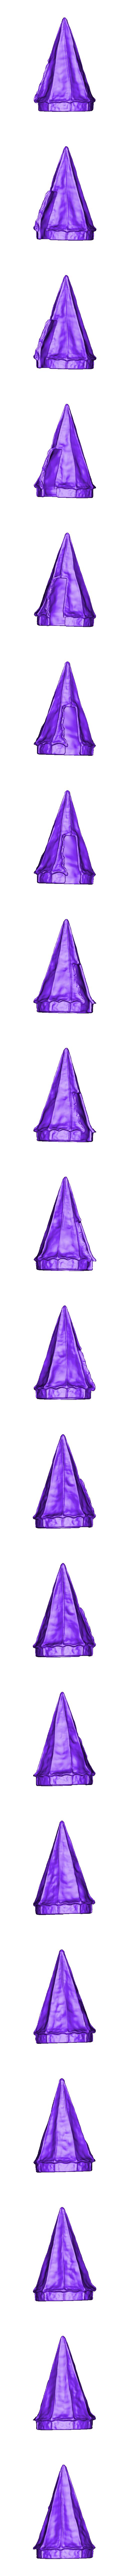 Tente militaire de campagne 2020 08 (réparée).stl Télécharger fichier STL gratuit Tente militaire de campagne • Design pour imprimante 3D, nicoco3D